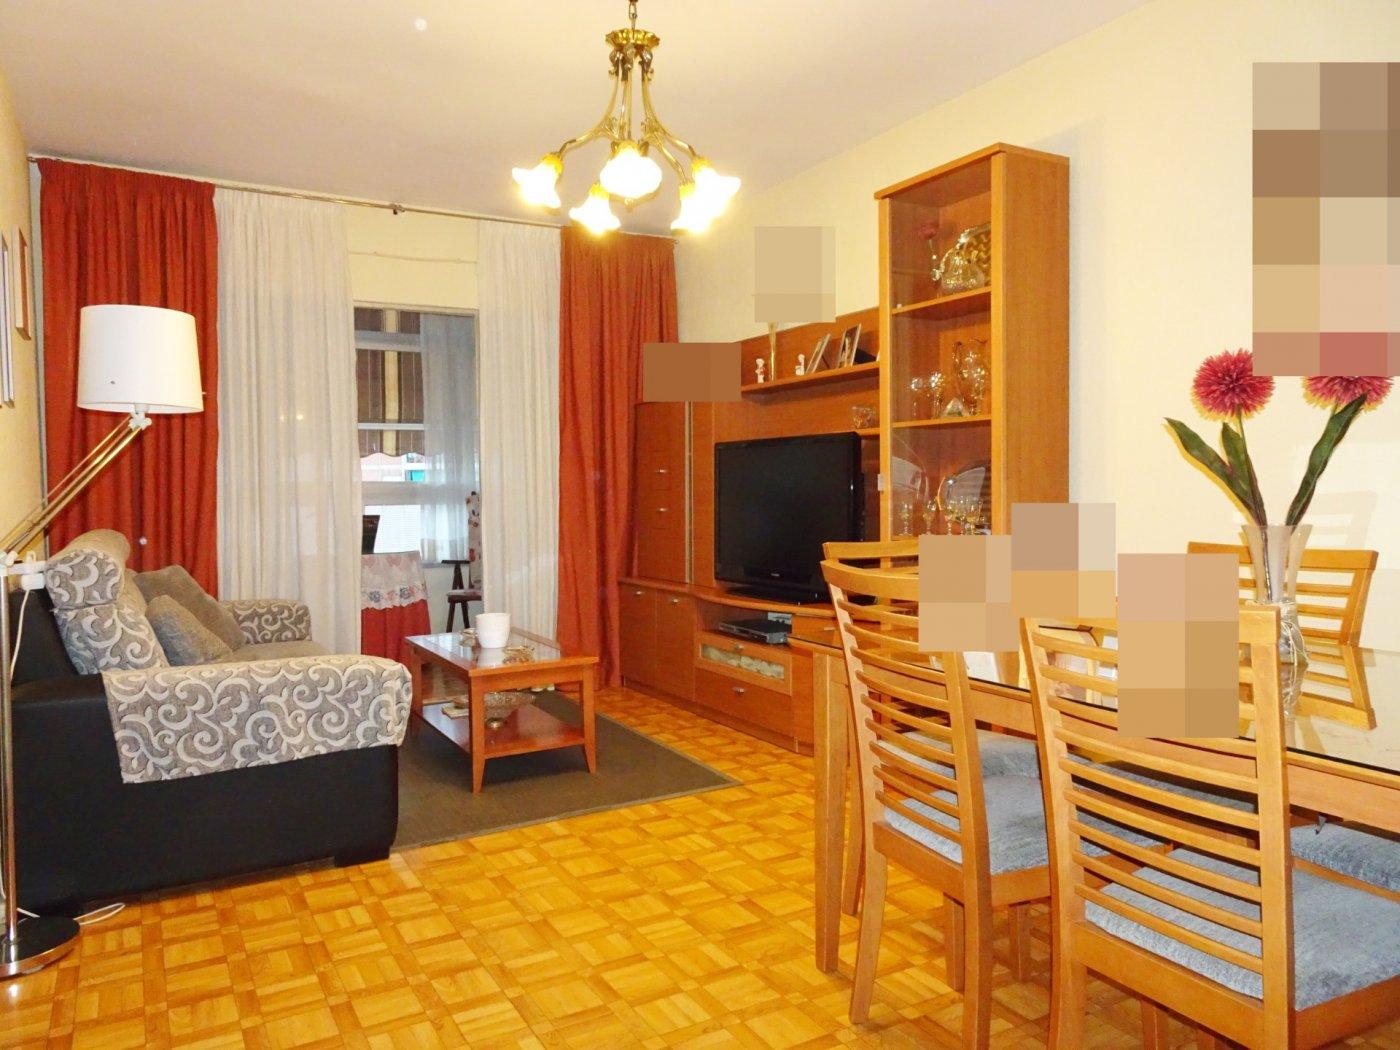 piso en malaga · la-luz---el-torcal 140000€